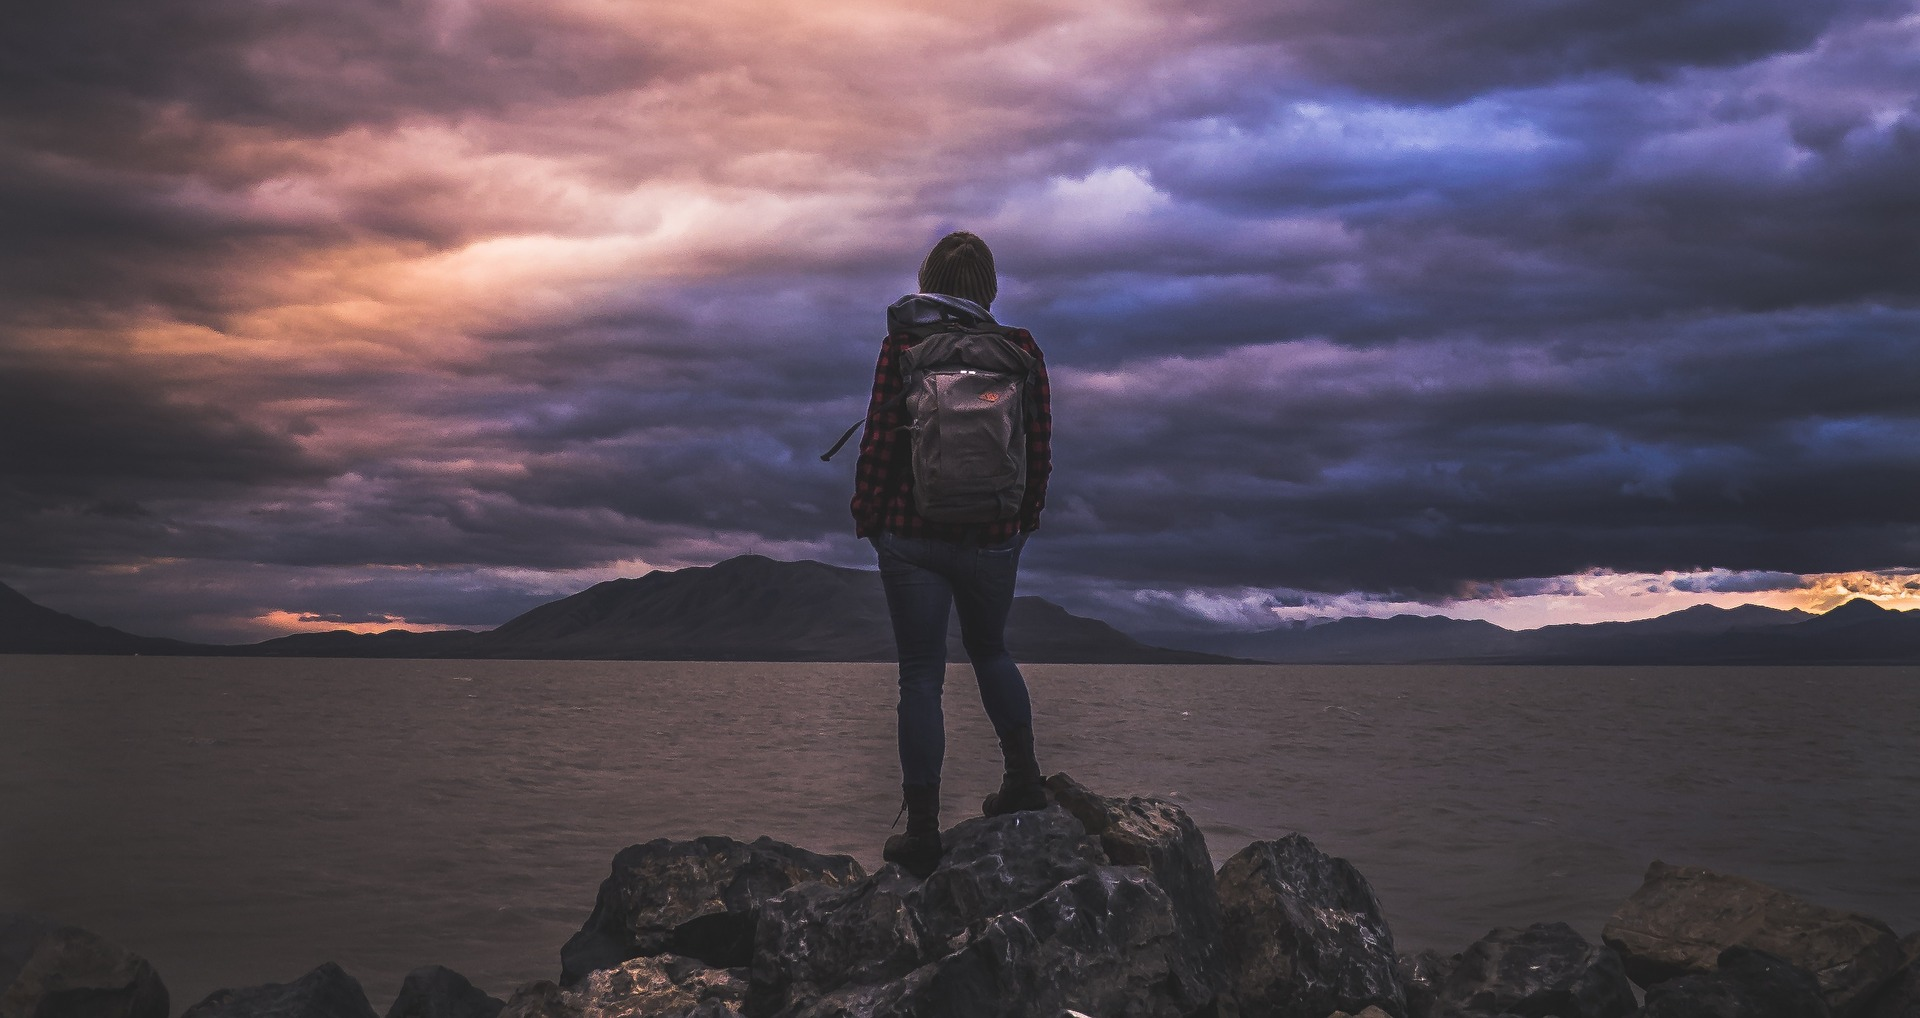 旅行者, 徒步旅行者, 徒步旅行, 自由, 背包, 云彩, 山脉, 紫罗兰色 - 高清壁纸 - 教授-falken.com